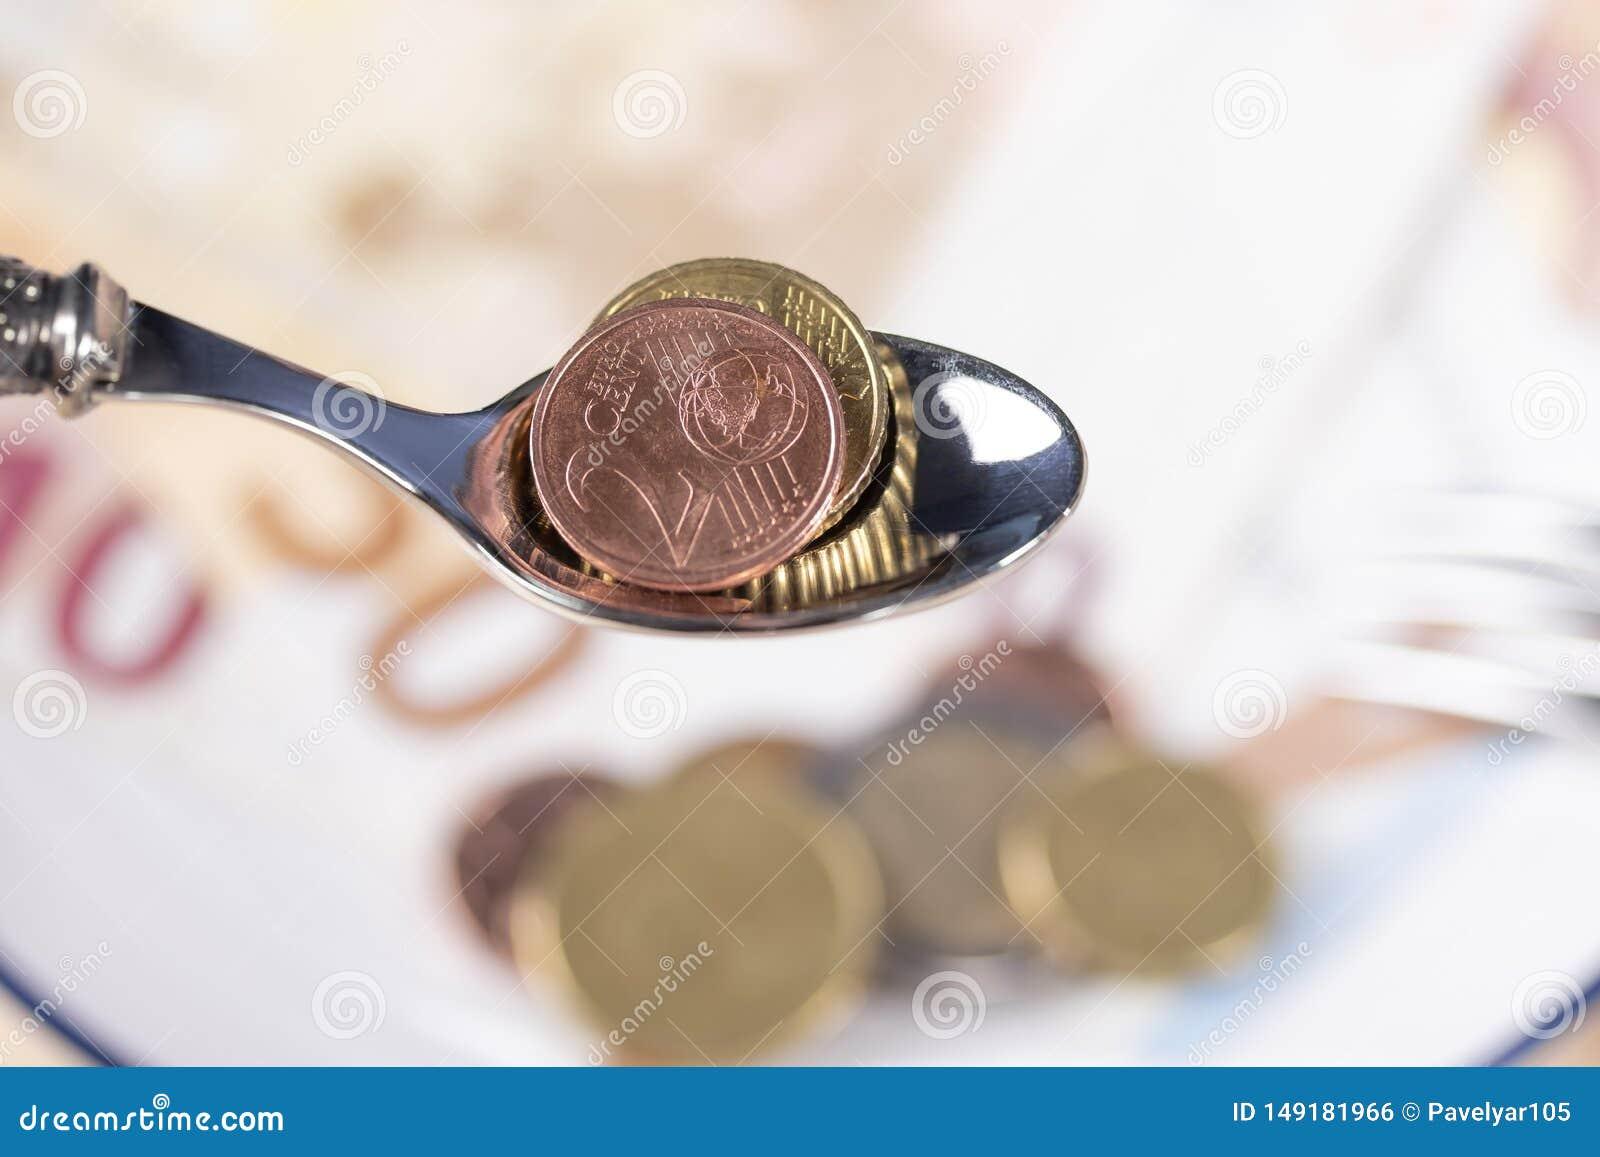 Moedas do Euro em uma colher de sobremesa sobre uma placa do dinheiro com uma beira azul